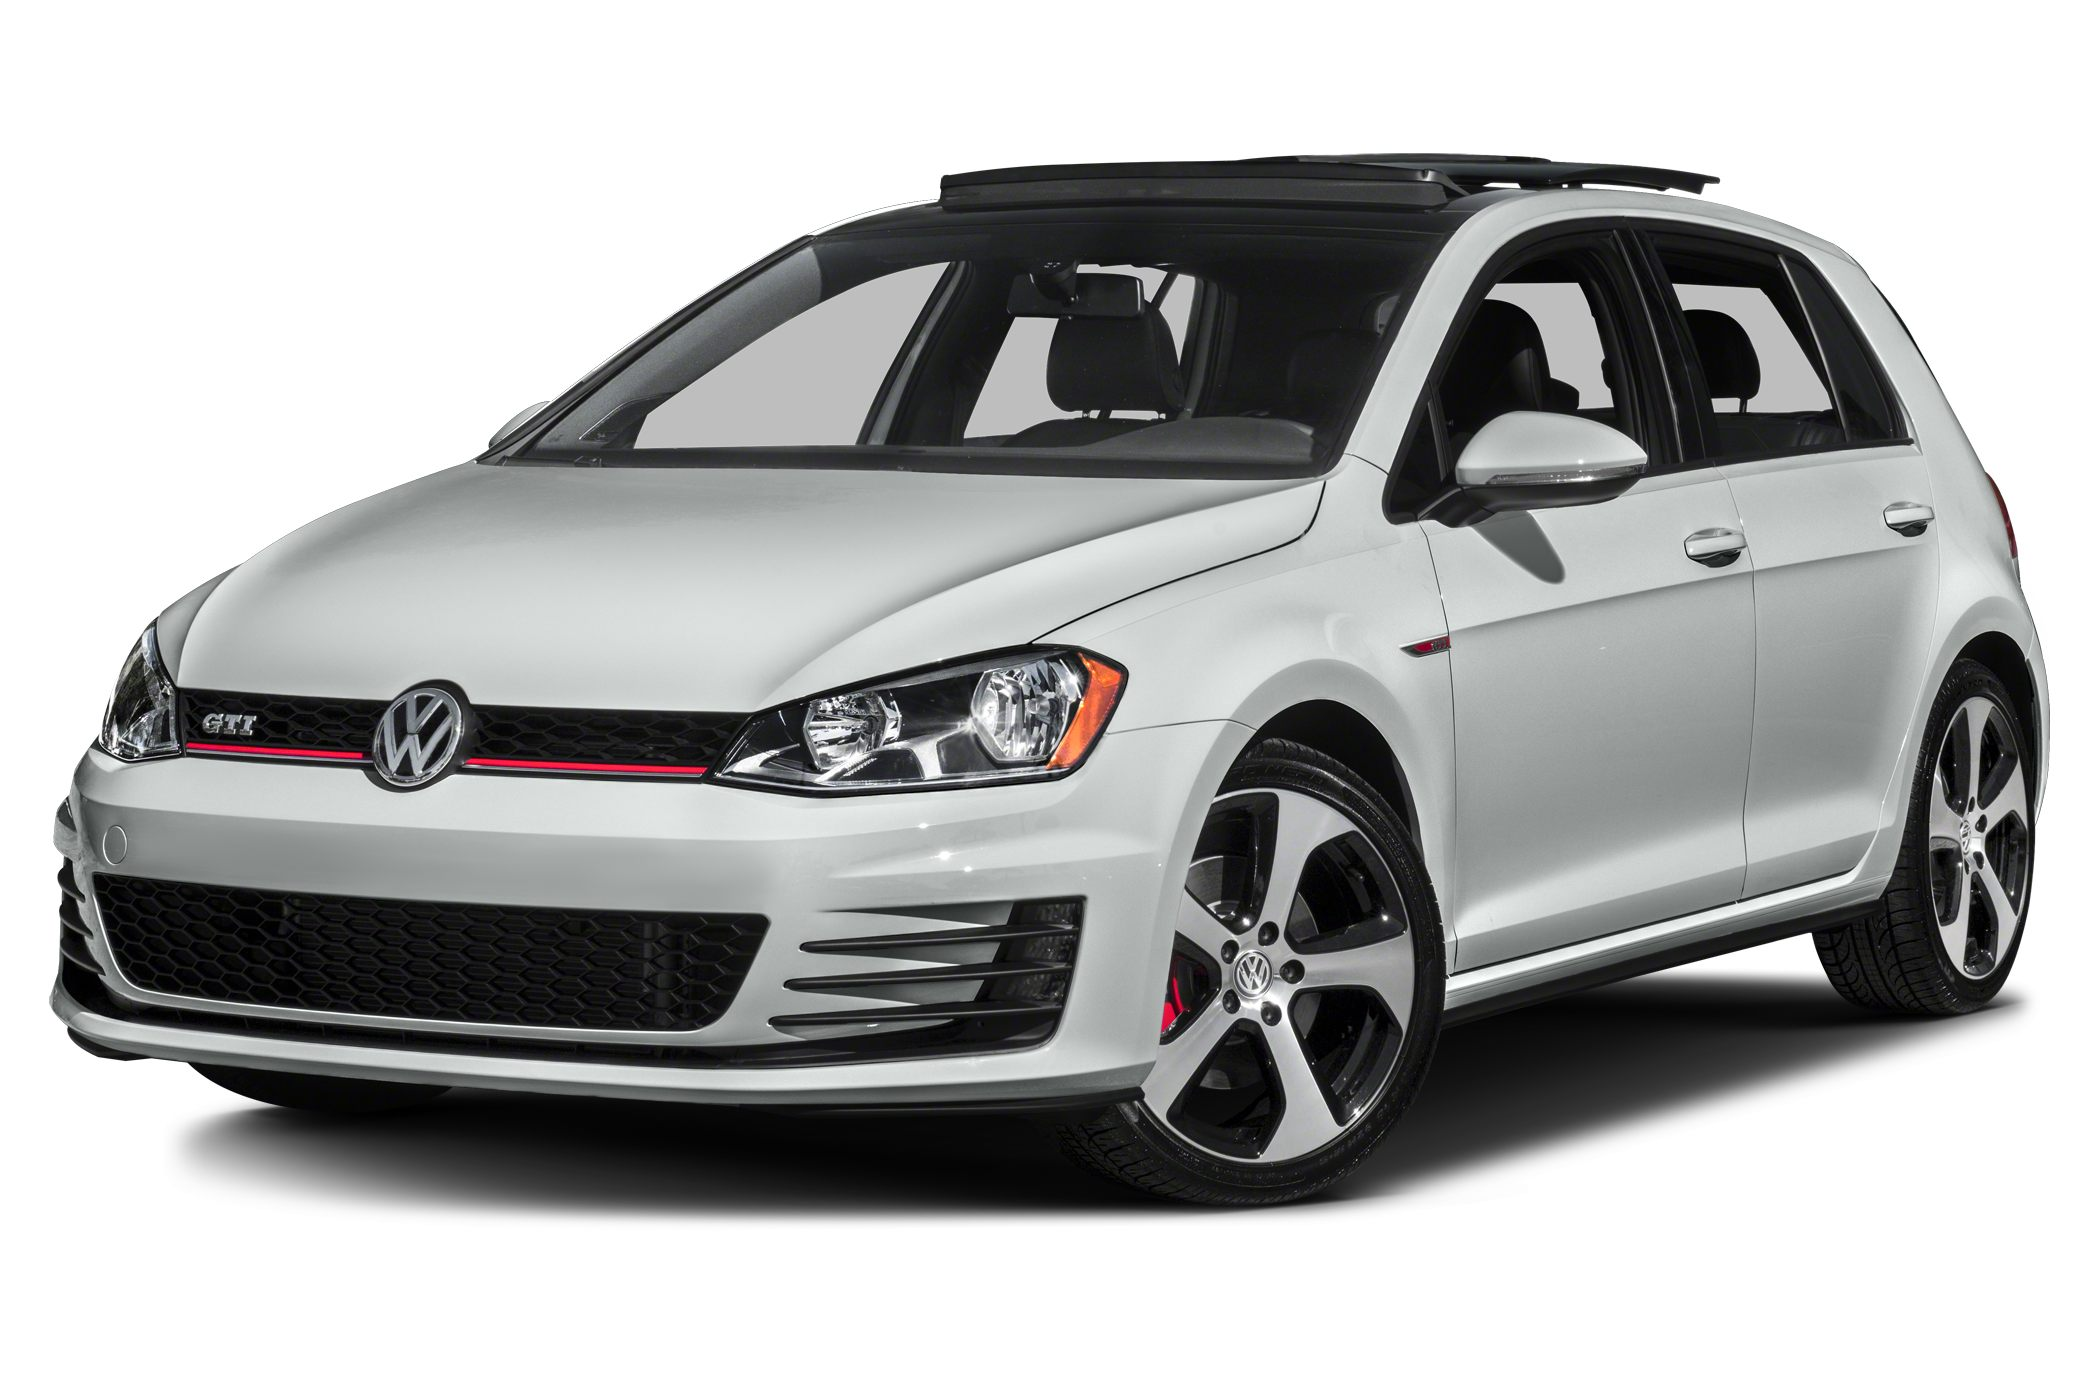 2015 Volkswagen Golf GTI 2.0T Autobahn 4-Door Hatchback for sale in Saint Paul for $33,195 with 11 miles